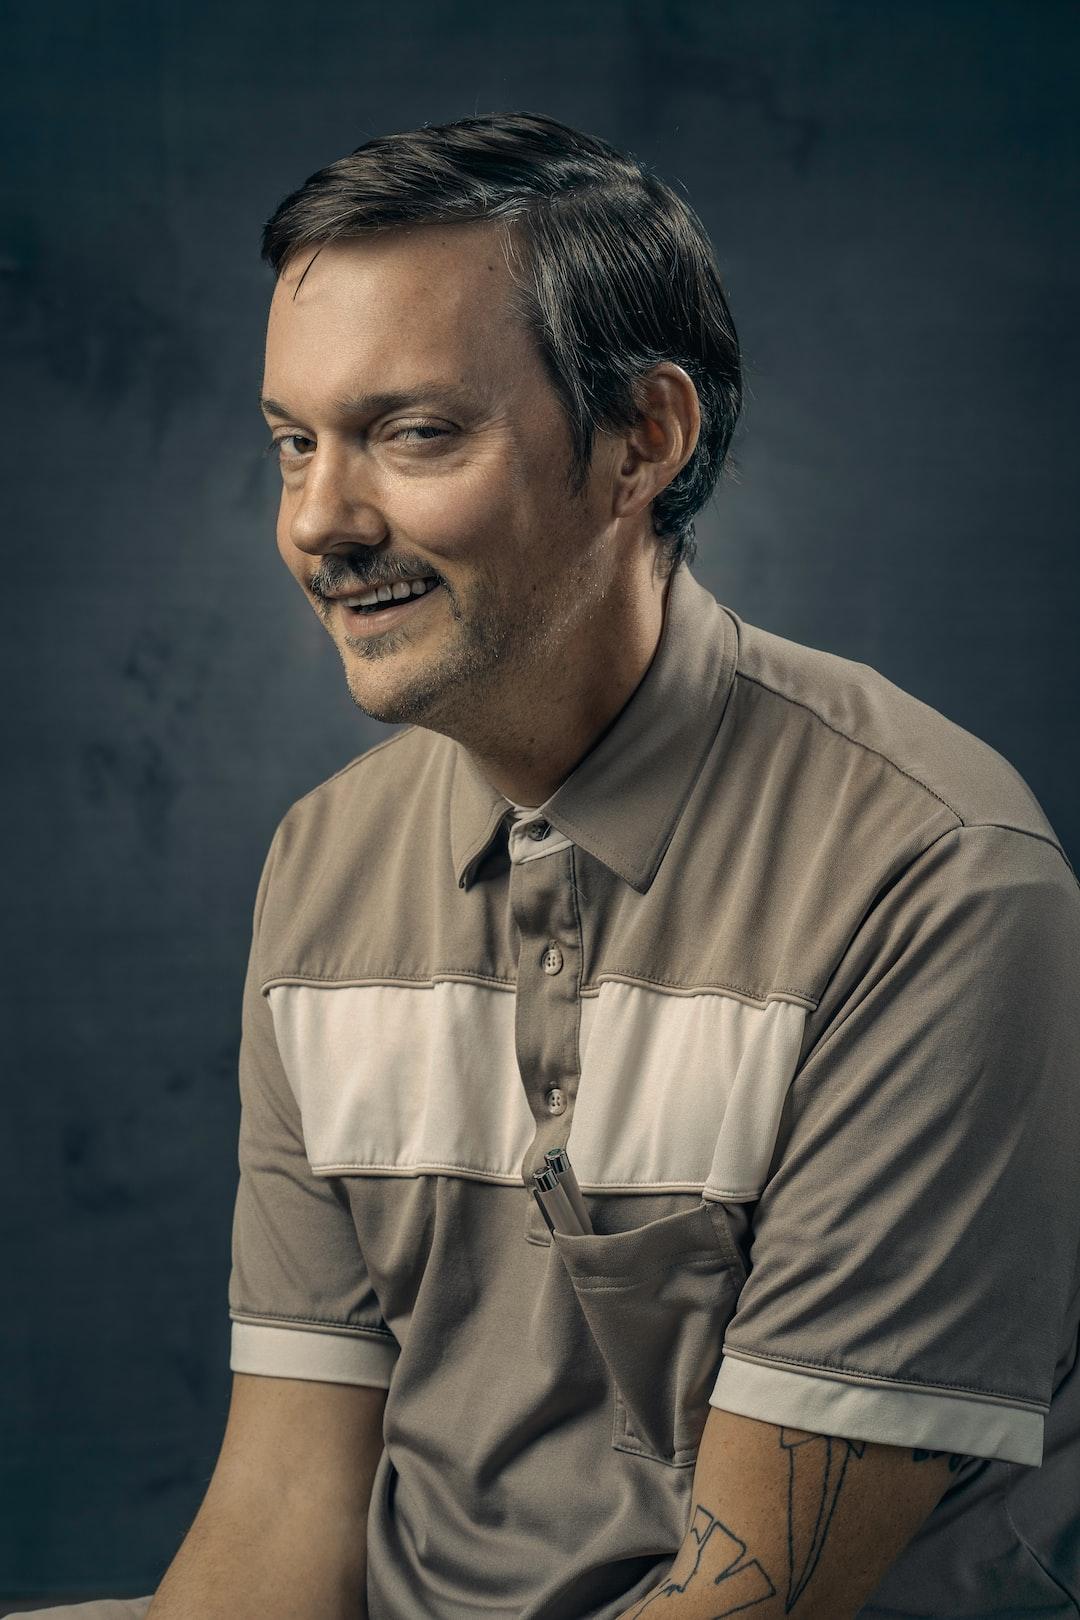 Slimy Portrait photographer: Chase Wilson @jiggliemon model: Chris Kettner @christopher.kettner  http://agroism.com